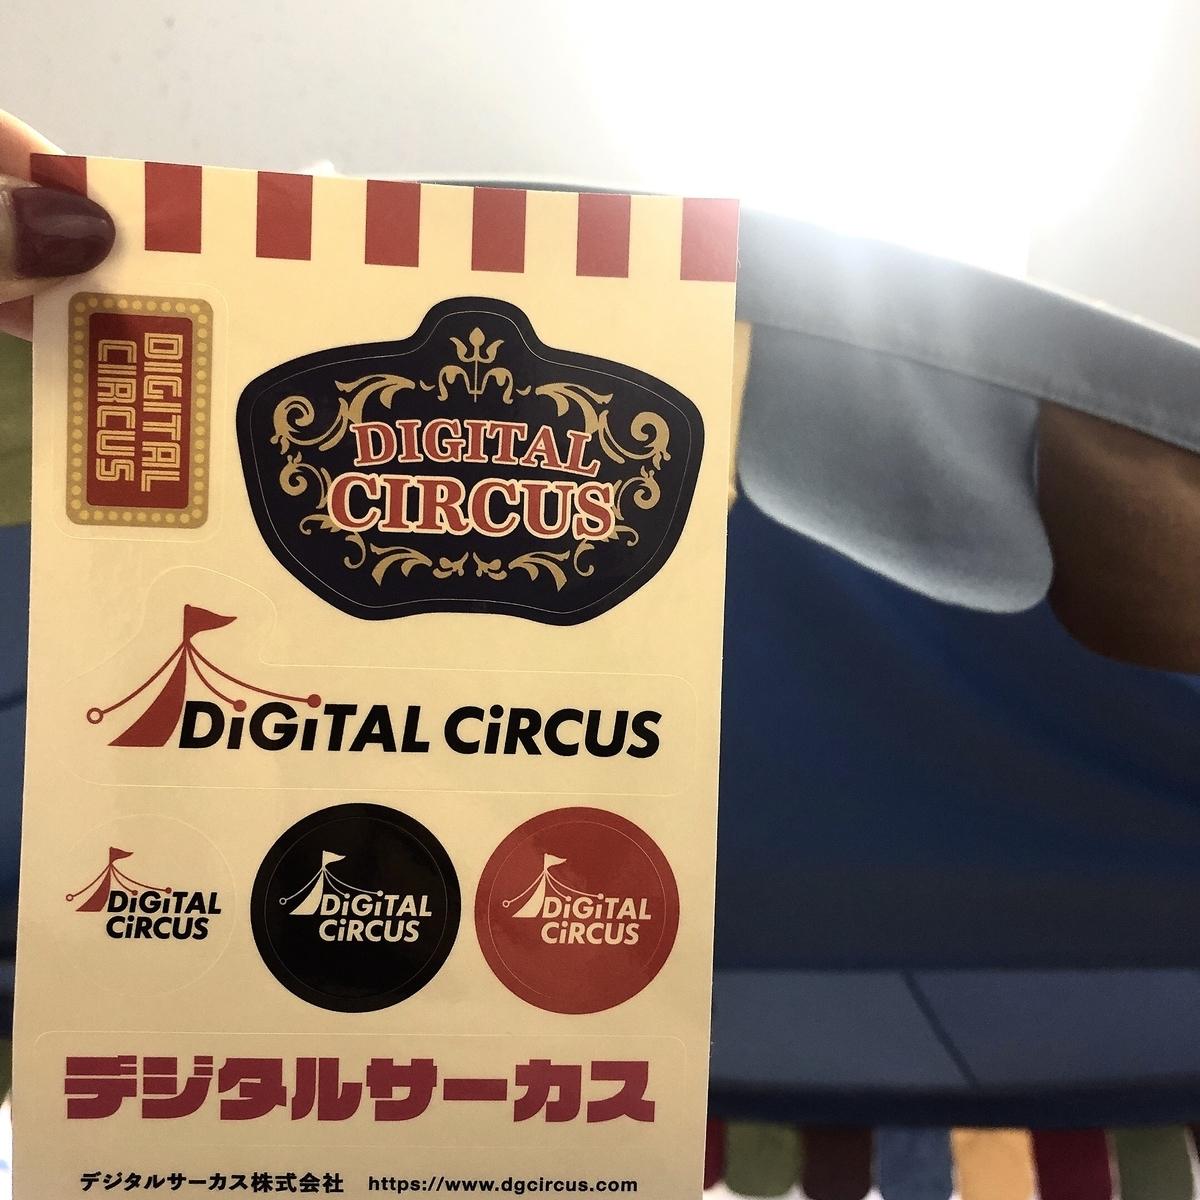 デジタルサーカス株式会社オリジナルステッカー